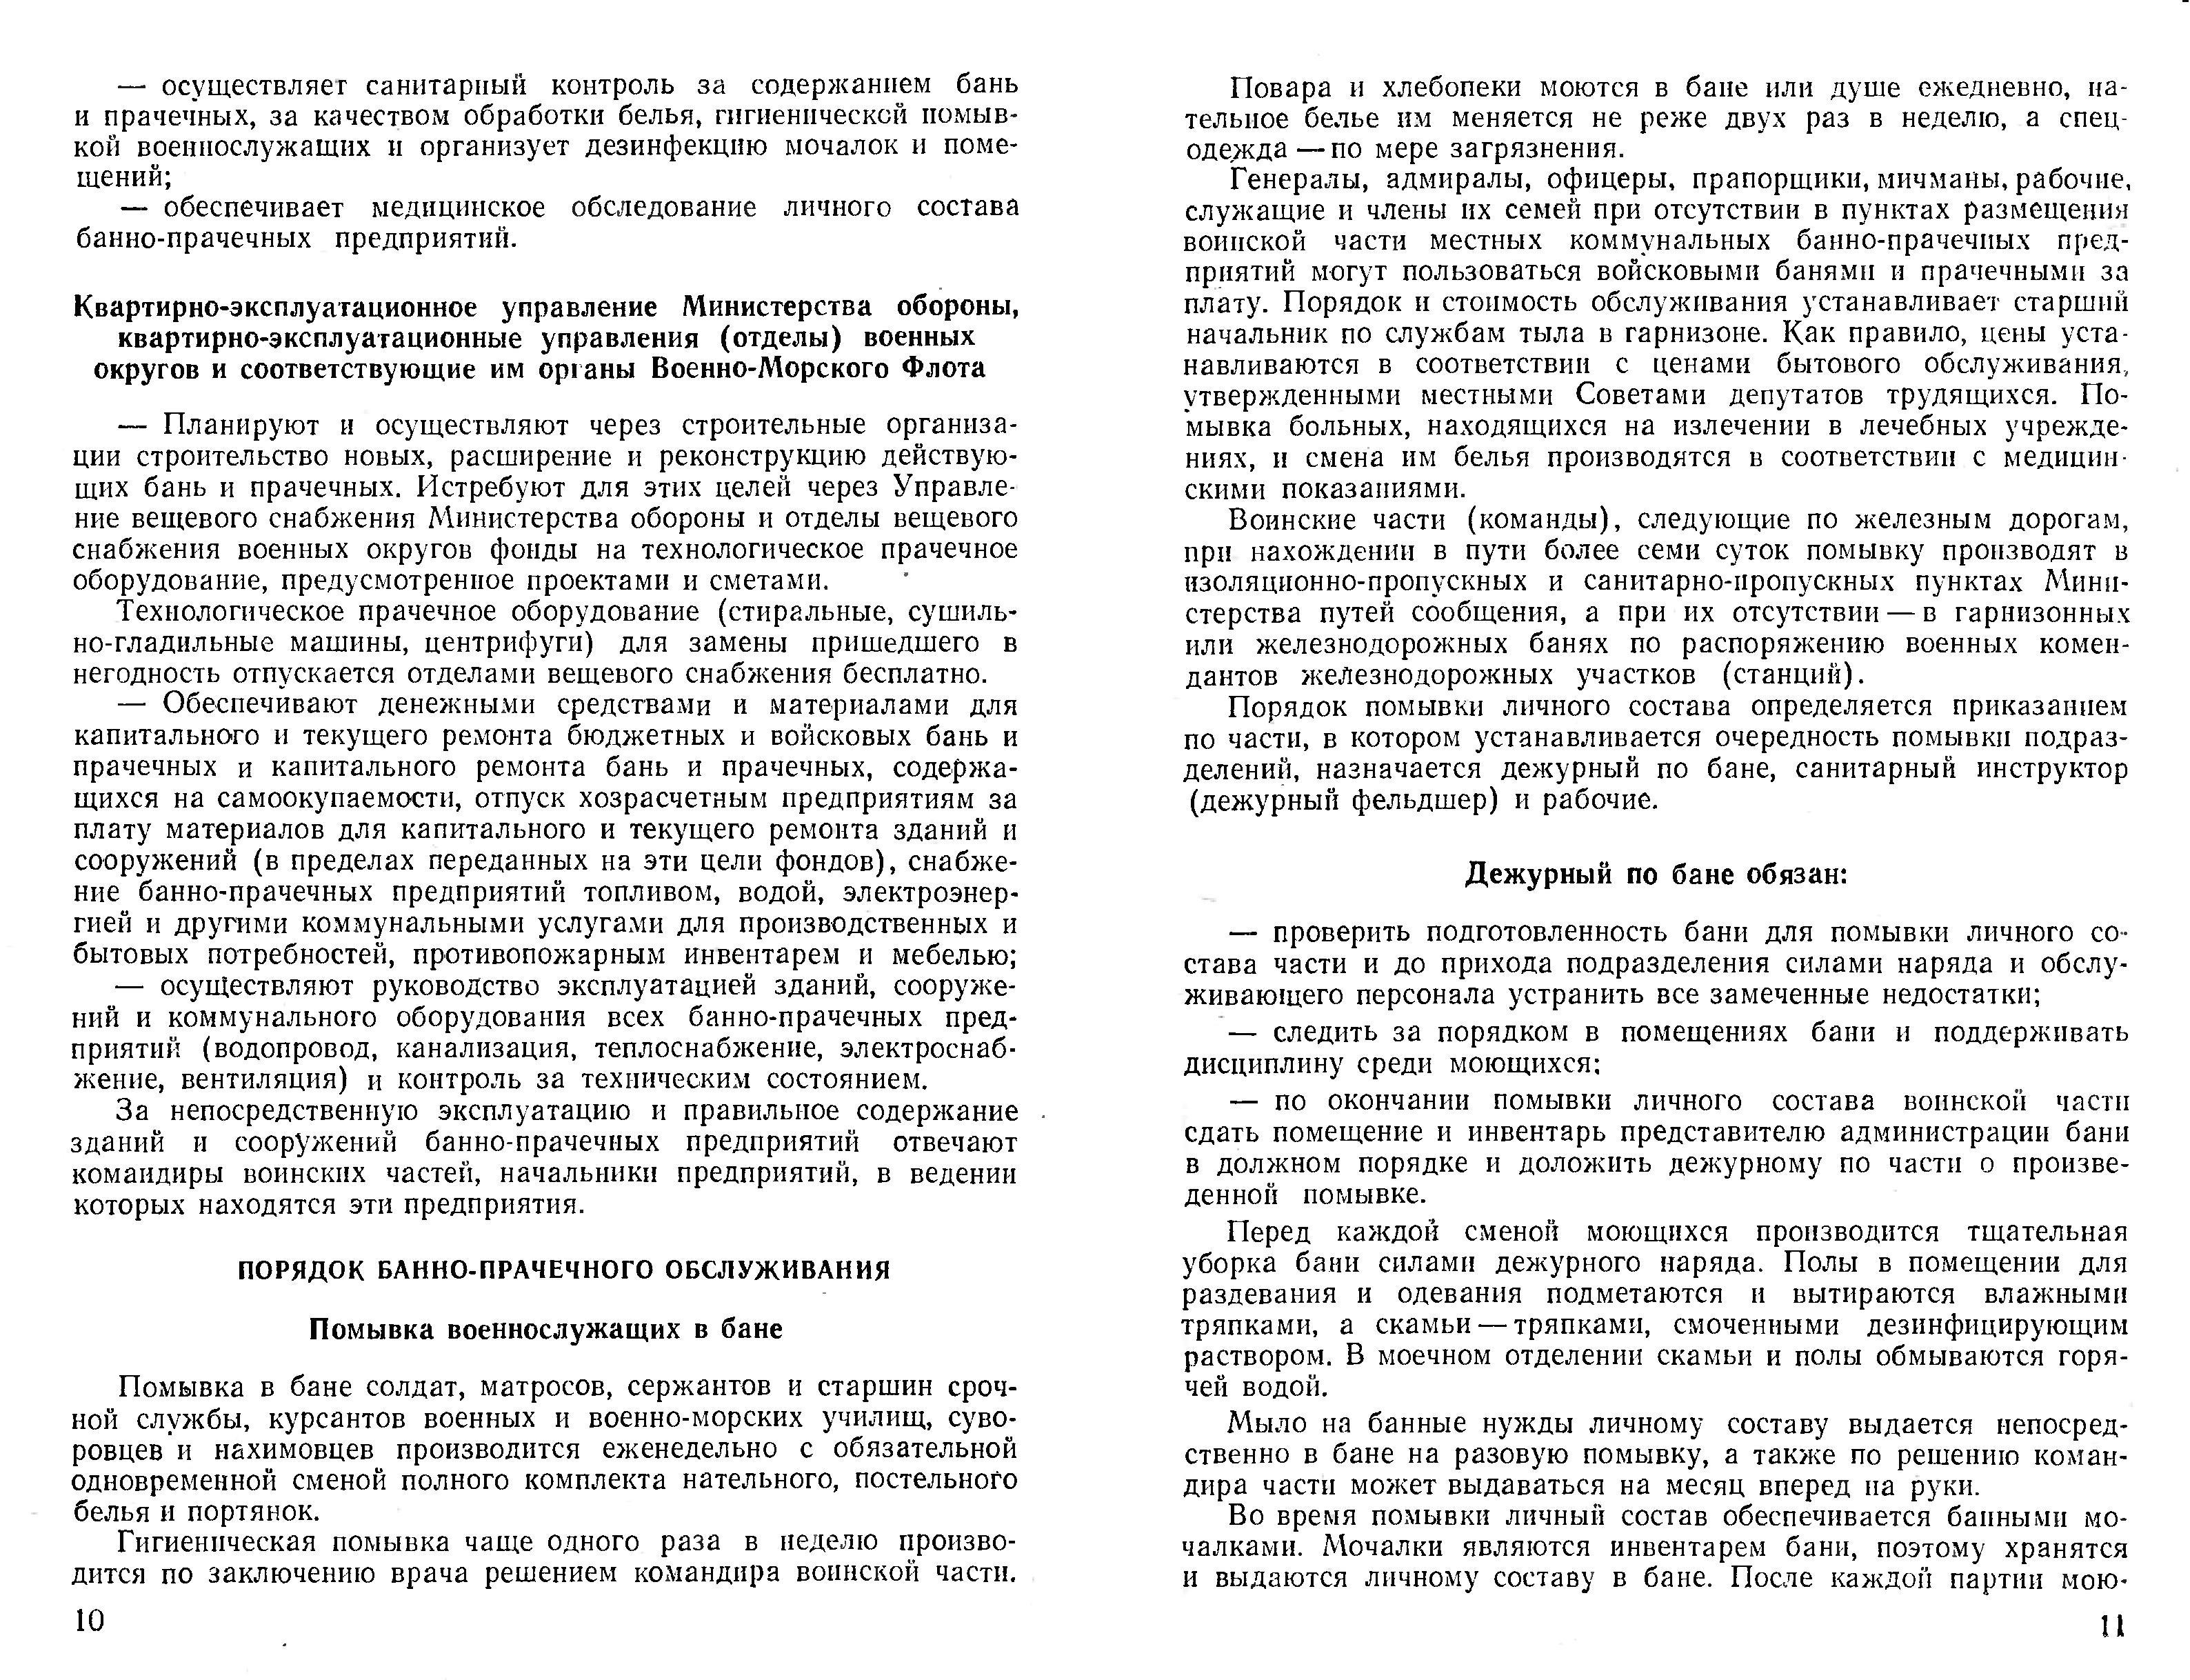 Банно-прачечное обслуживание войск. Учебное пособие - 2.jpg